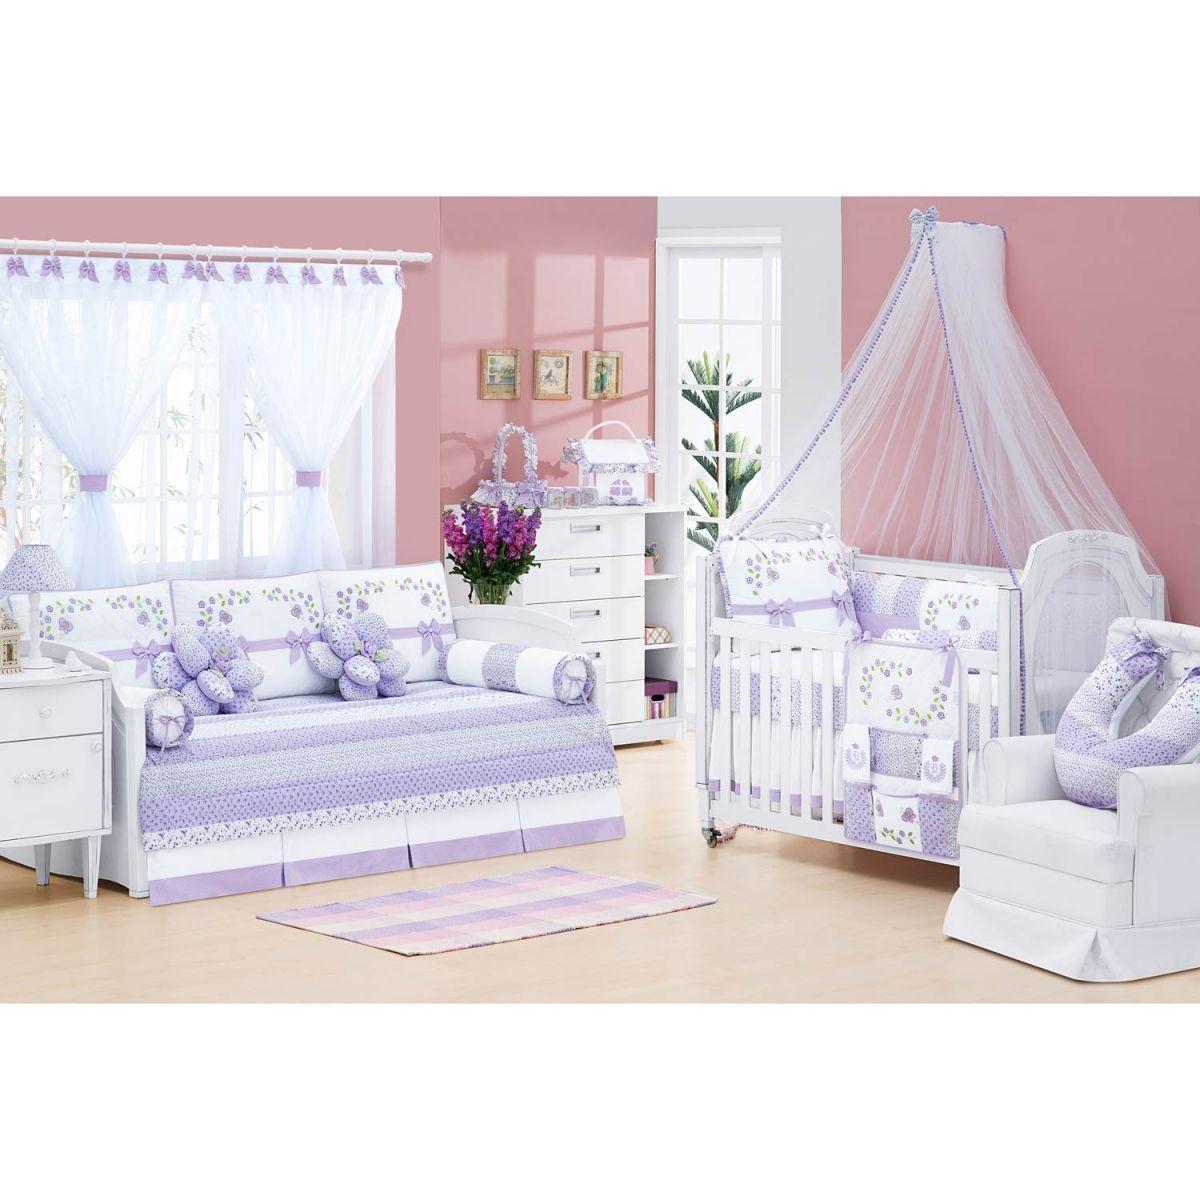 Almofada para Quarto de Bebê  Coleção Jardim das Flores - Lilás